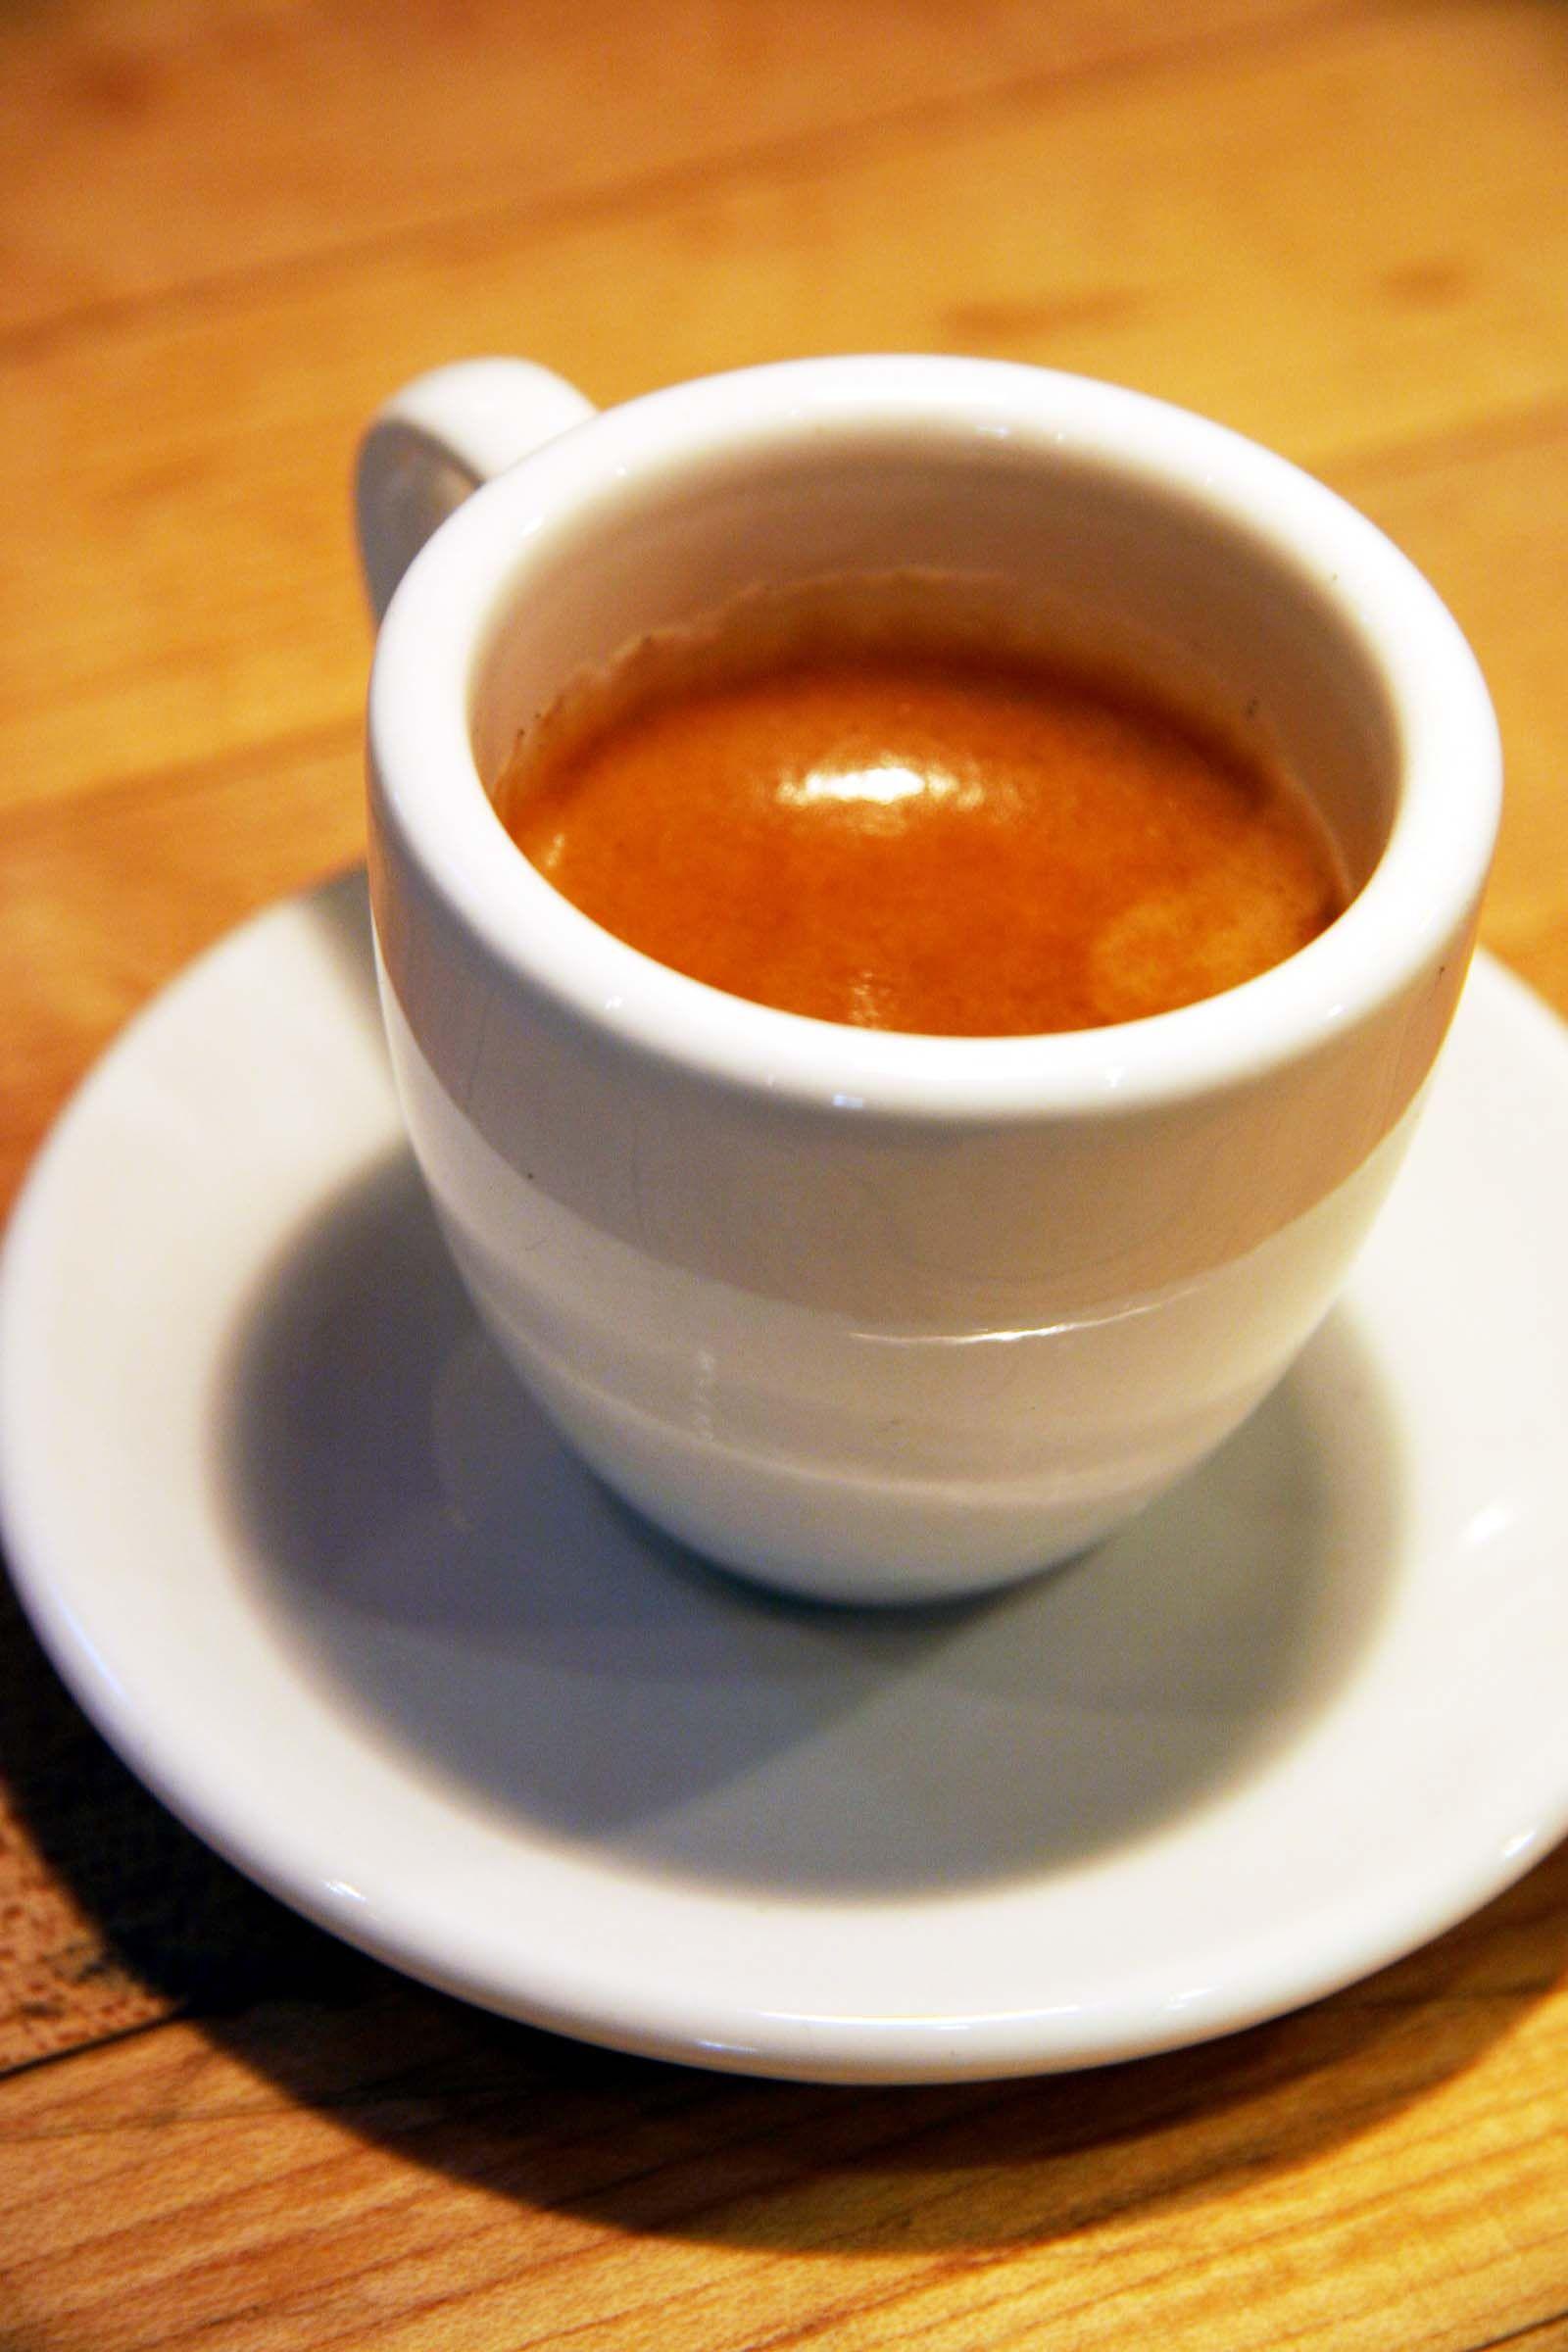 cafe expresso sofisticado - Pesquisa Google